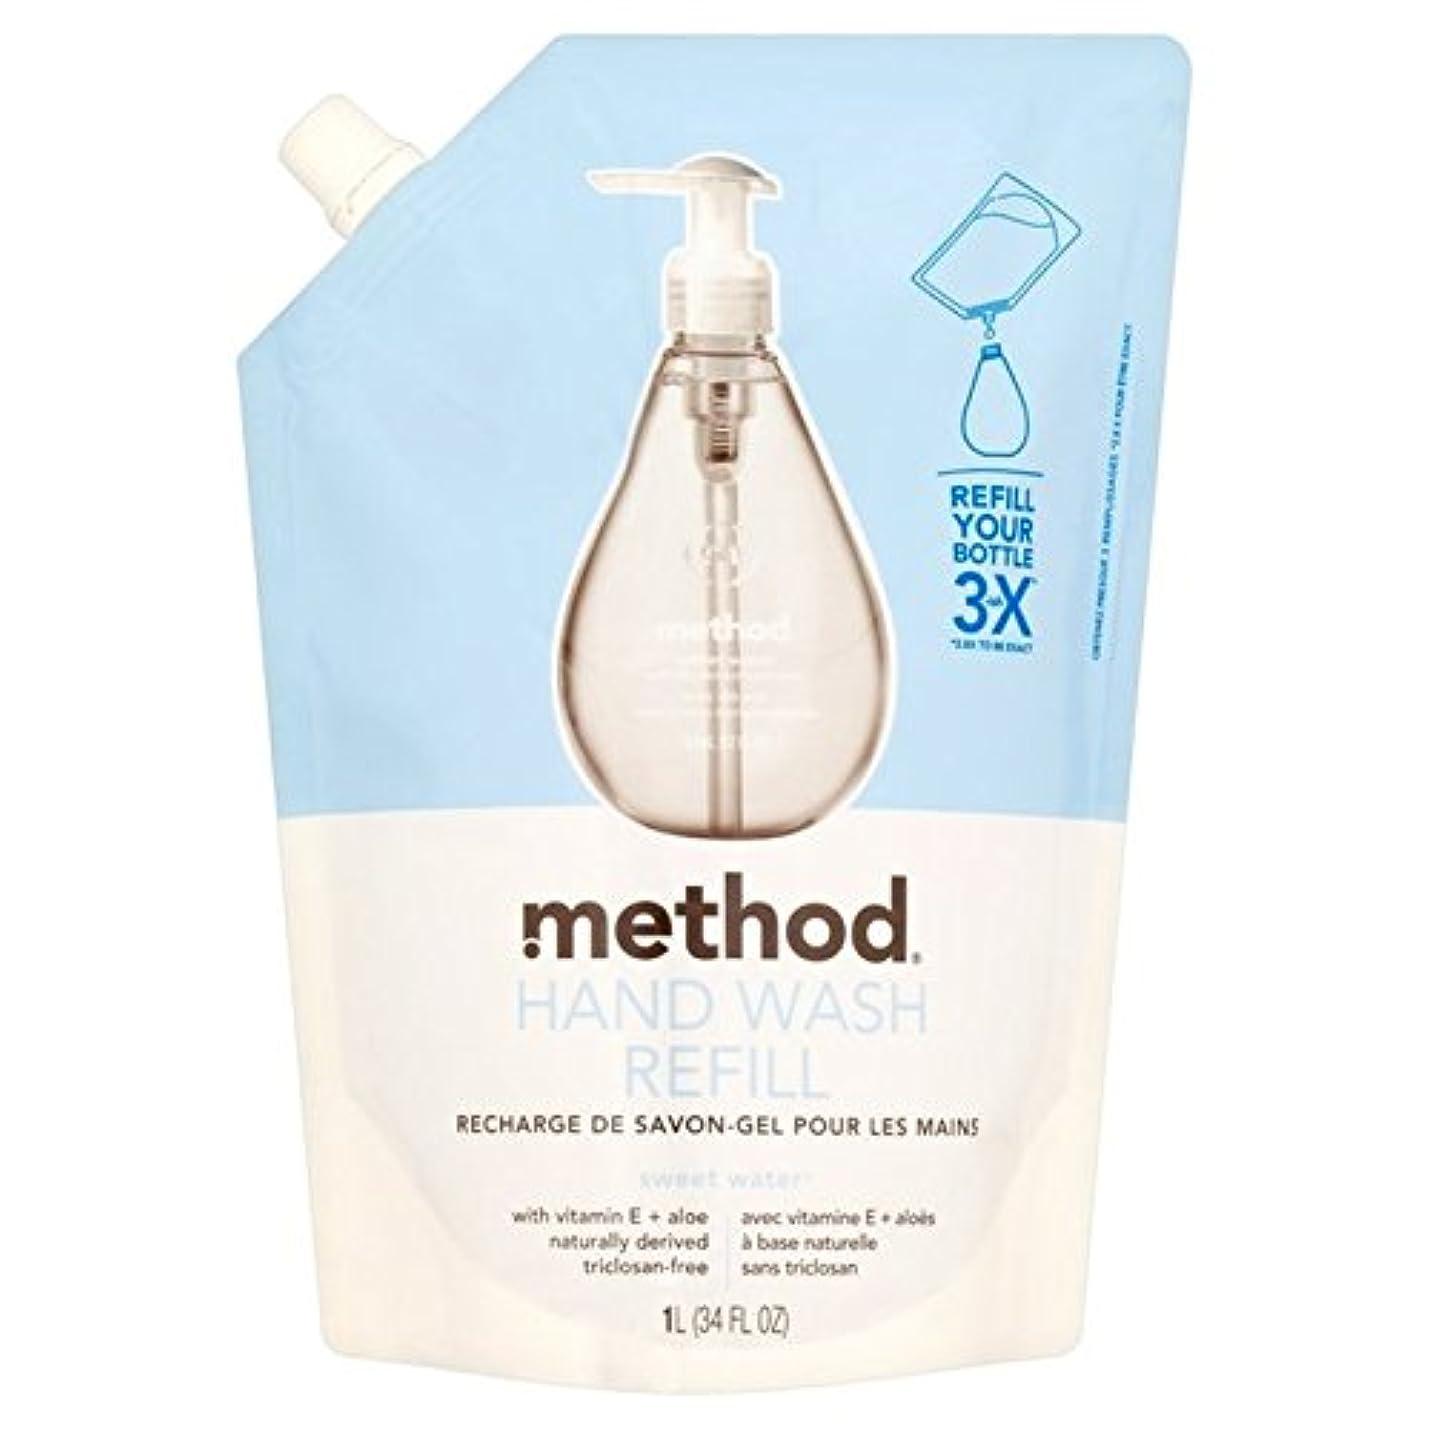 ヘア生き残りますじゃないメソッドの甘い水のリファイルの手洗いの1リットル x4 - Method Sweet Water Refil Handwash 1L (Pack of 4) [並行輸入品]